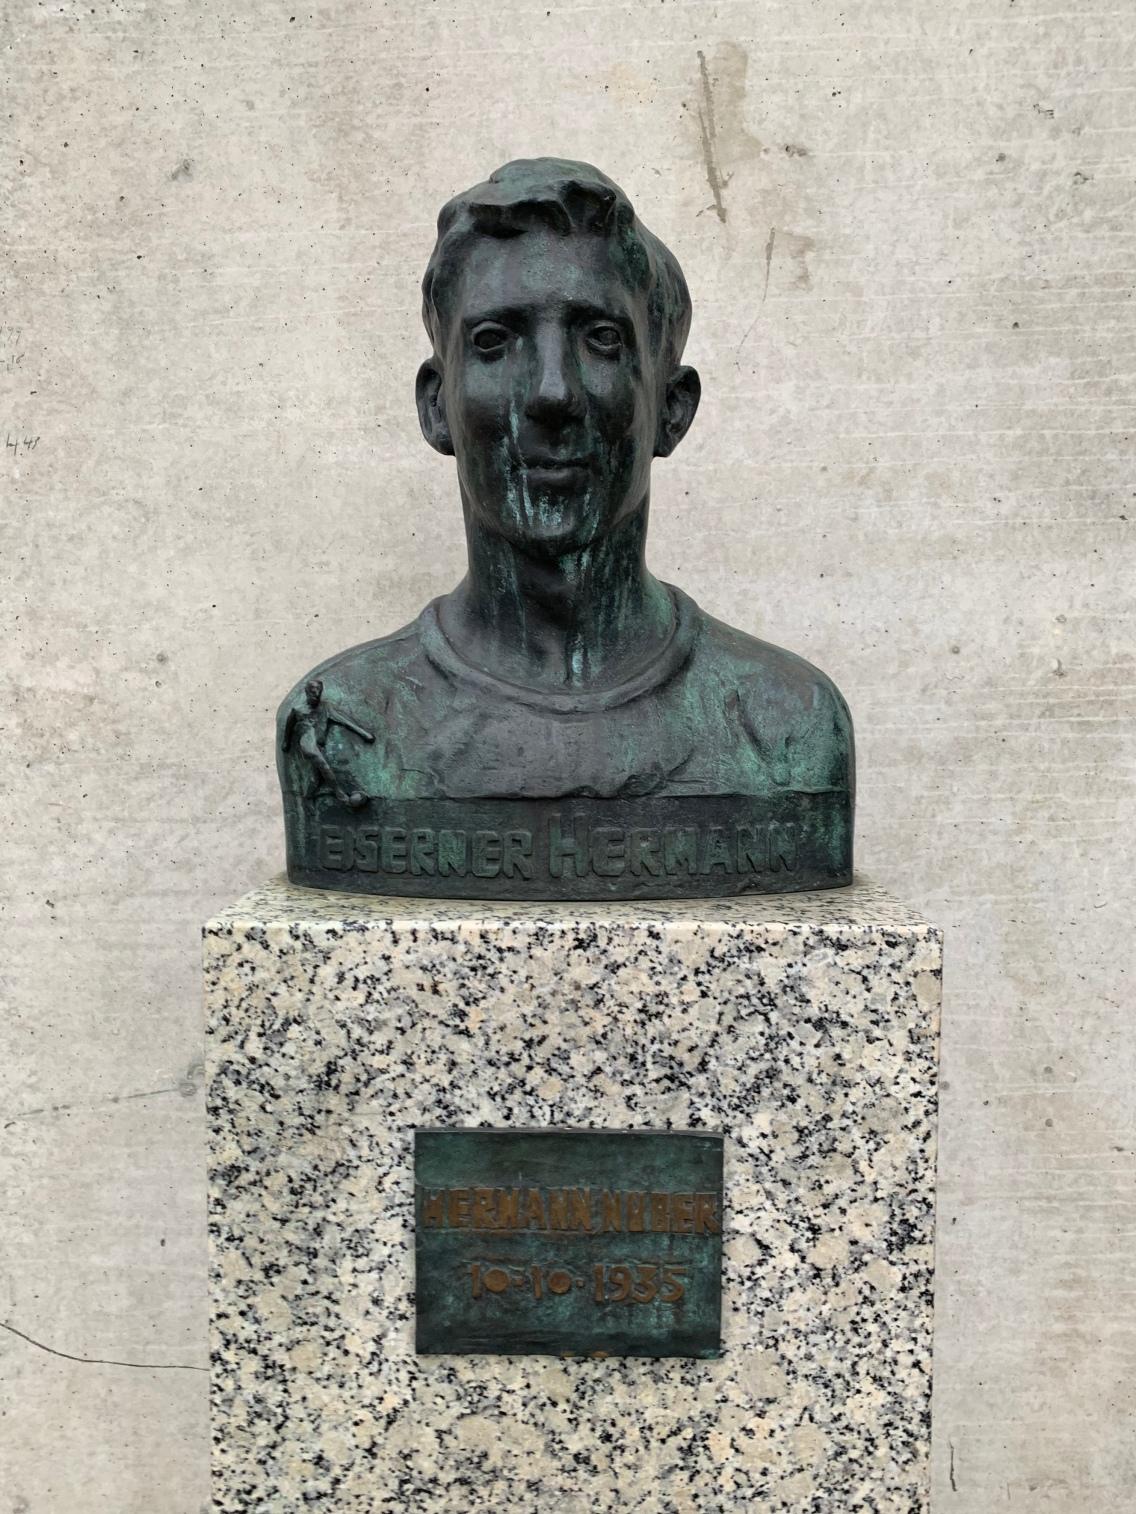 Herman Number ist aufgrund seiner Vereinstreue auch als der eiserne Hermann bekannt. Er hat von 1953 - 71 die Rolle des Abwehrspielers bei den Kickers übernommen. Nach seiner aktiven Karriere war er Trainer im Verein tätig und hat unter anderem Rudi Völler, Oliver Reck und Jimmy Hartwig entdeckt. Er gilt als Sinnbild eines Kickersspieler mit Herz und Treue!